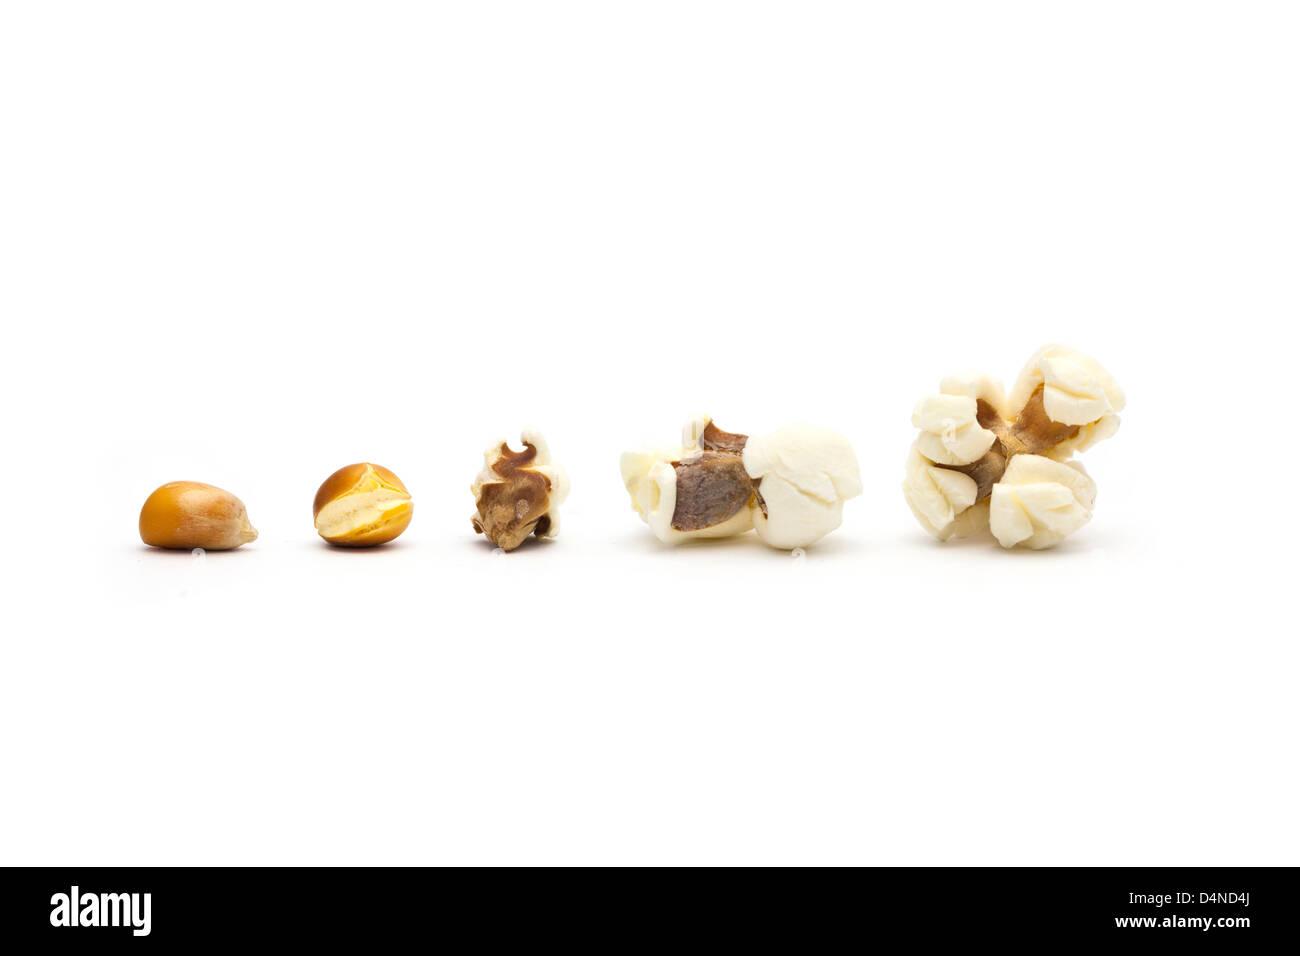 Vom Korn zum popcorn Stockfoto